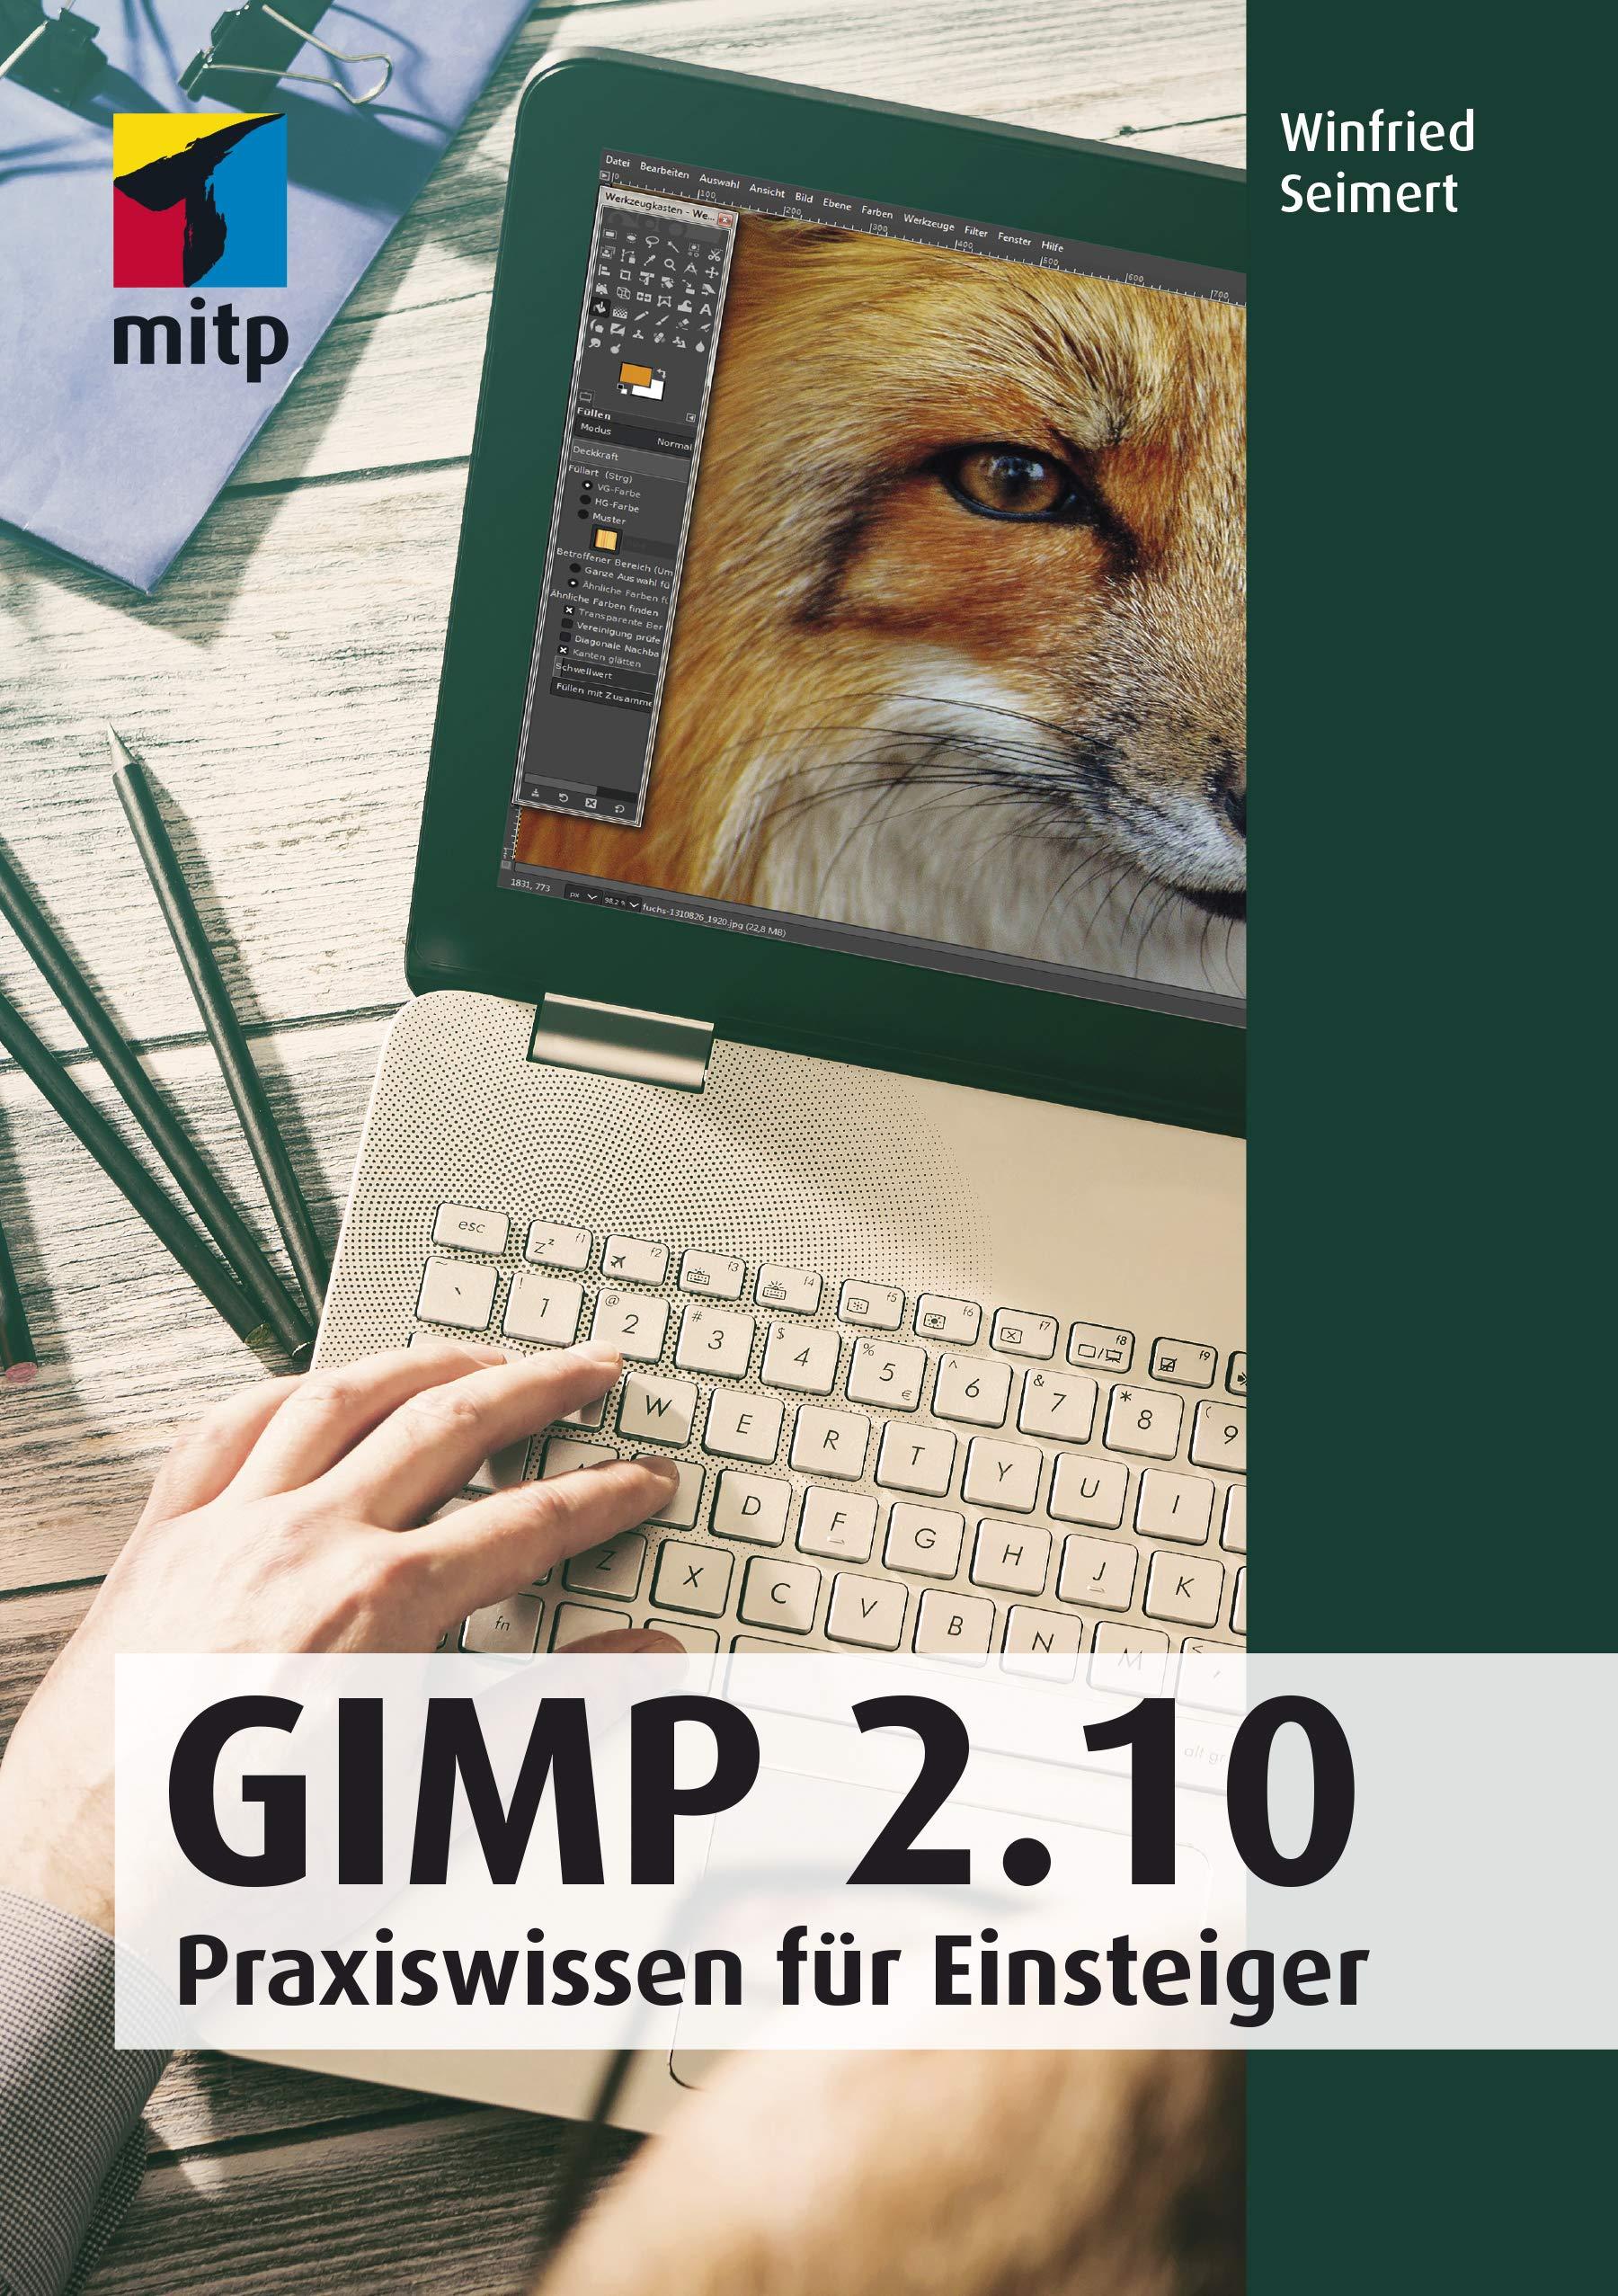 GIMP 2.10: Praxiswissen für Einsteiger (mitp Anwendungen) Broschiert – 30. September 2018 Winfried Seimert 3958458815 Anwendungs-Software Betrieb